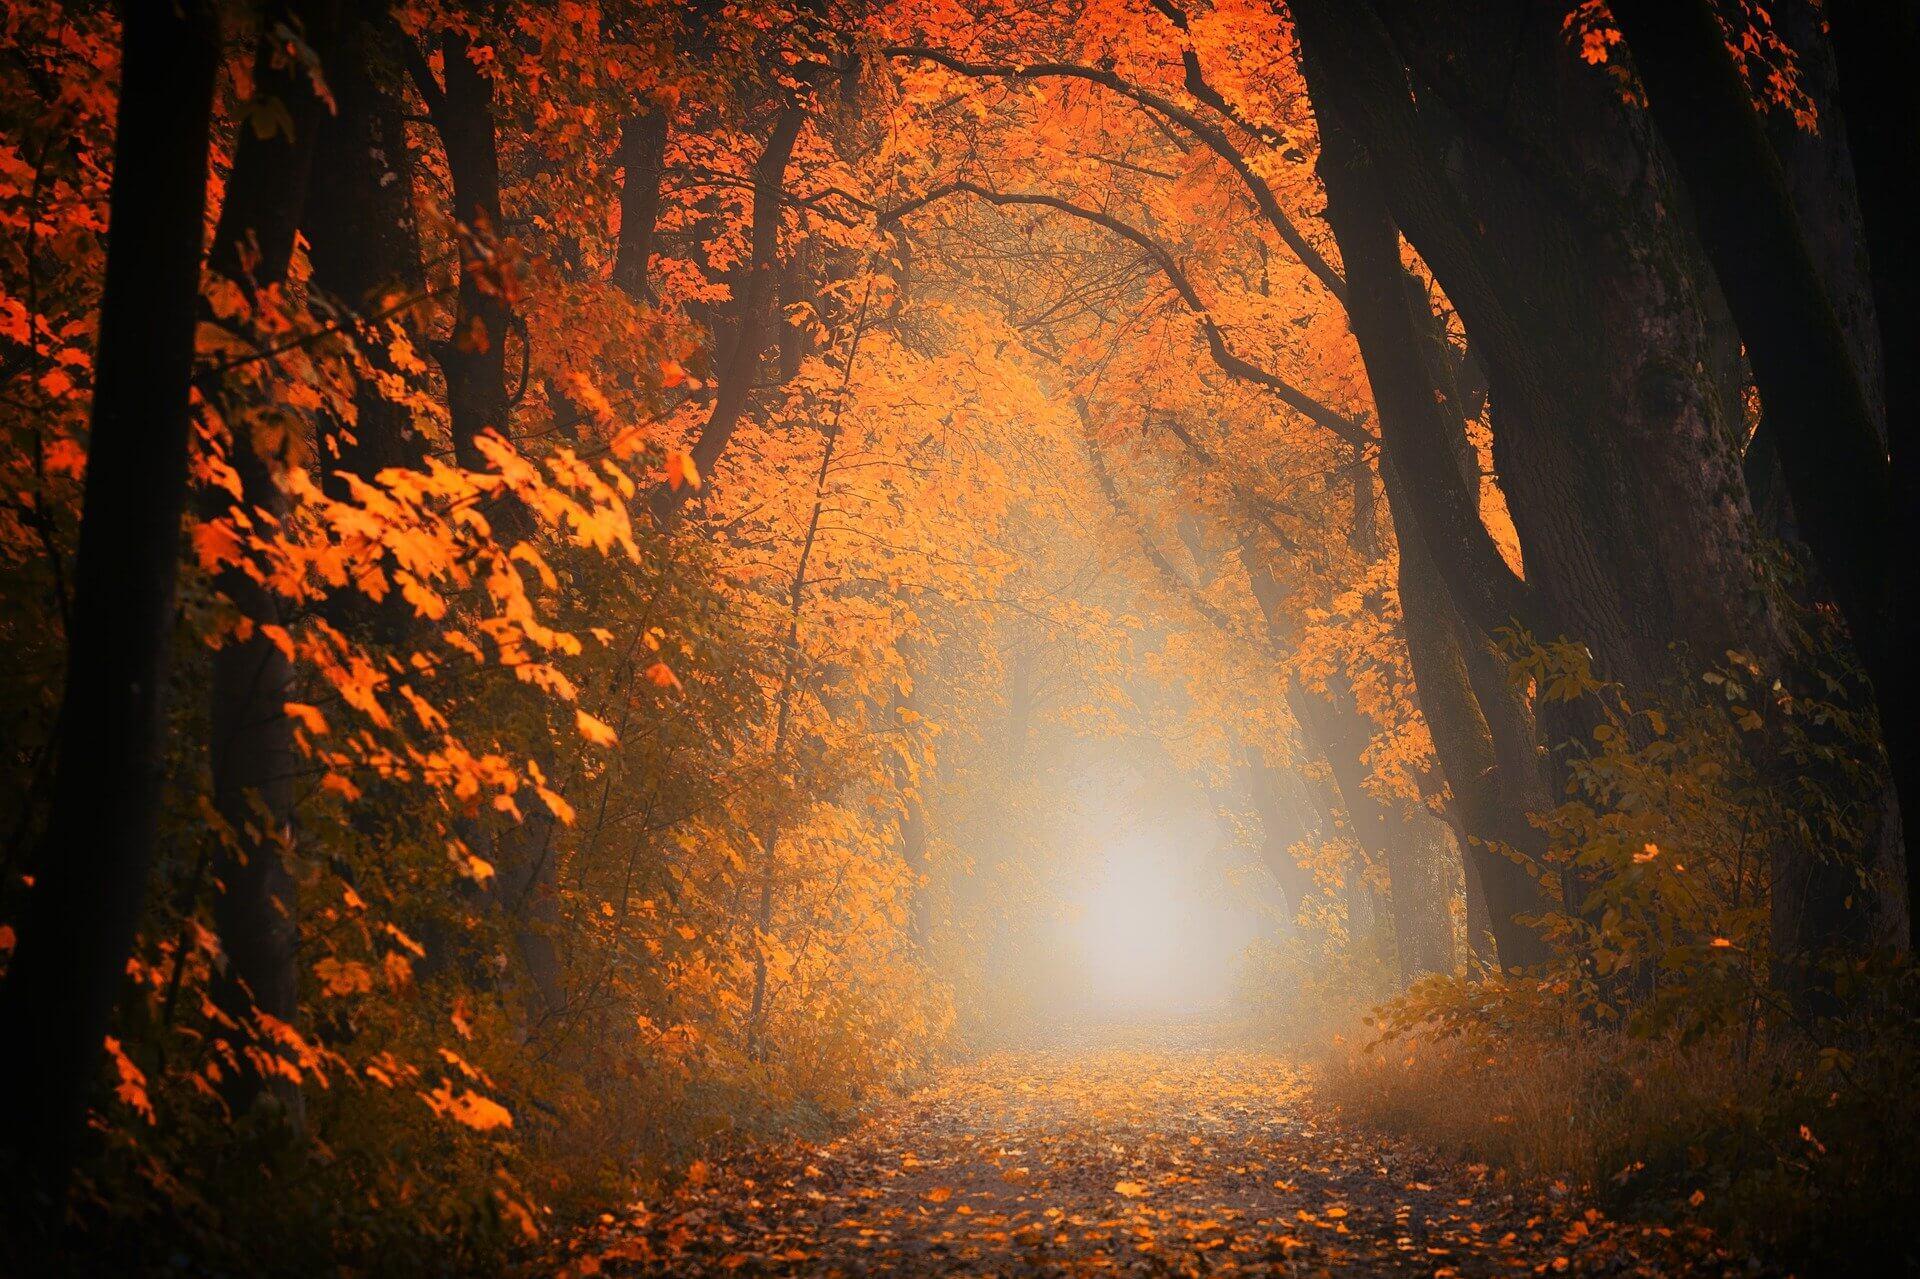 light-3130988_1920